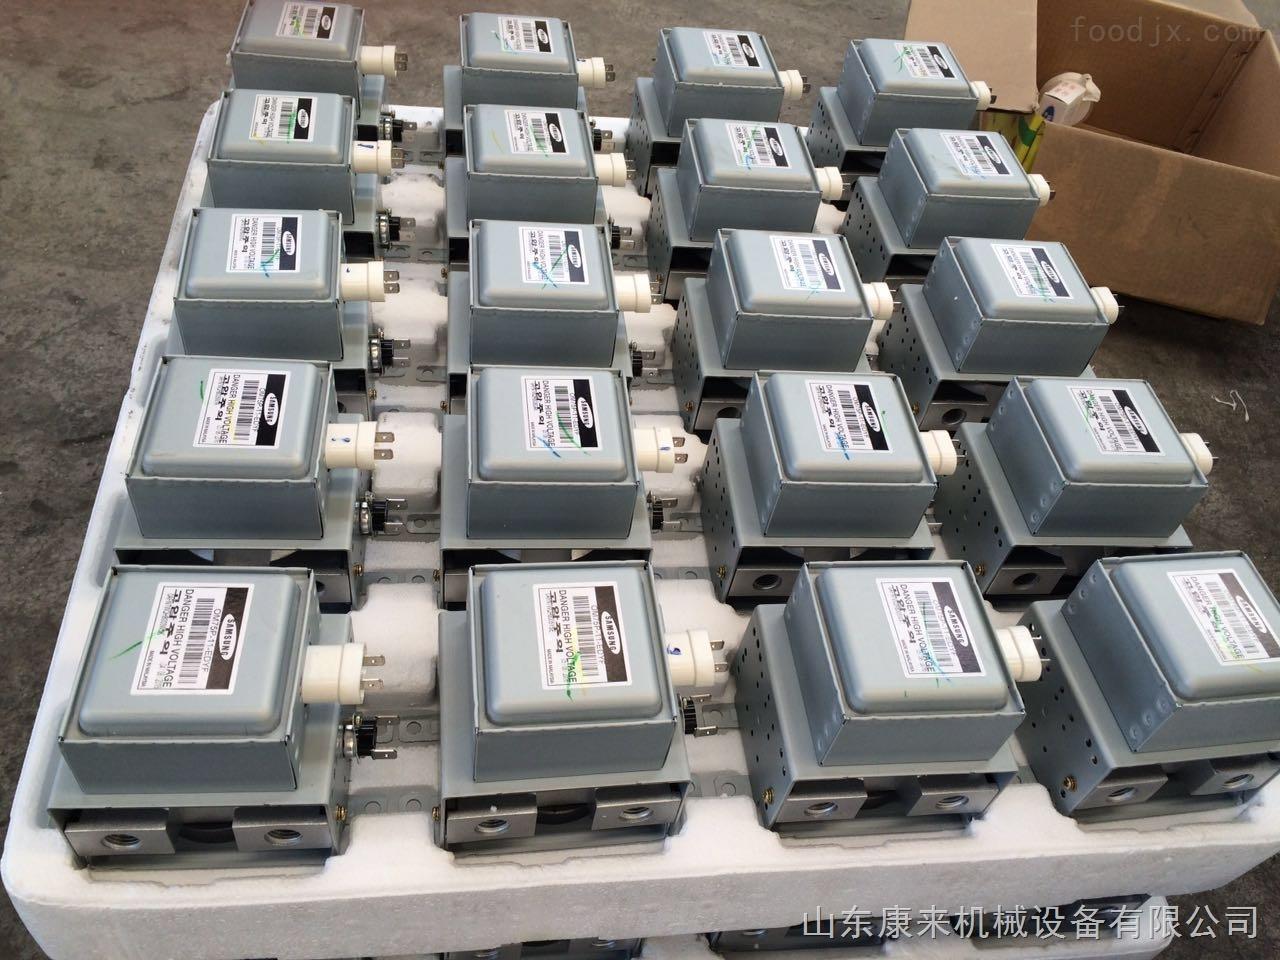 微波设备包括哪些配件,微波磁控管,电源